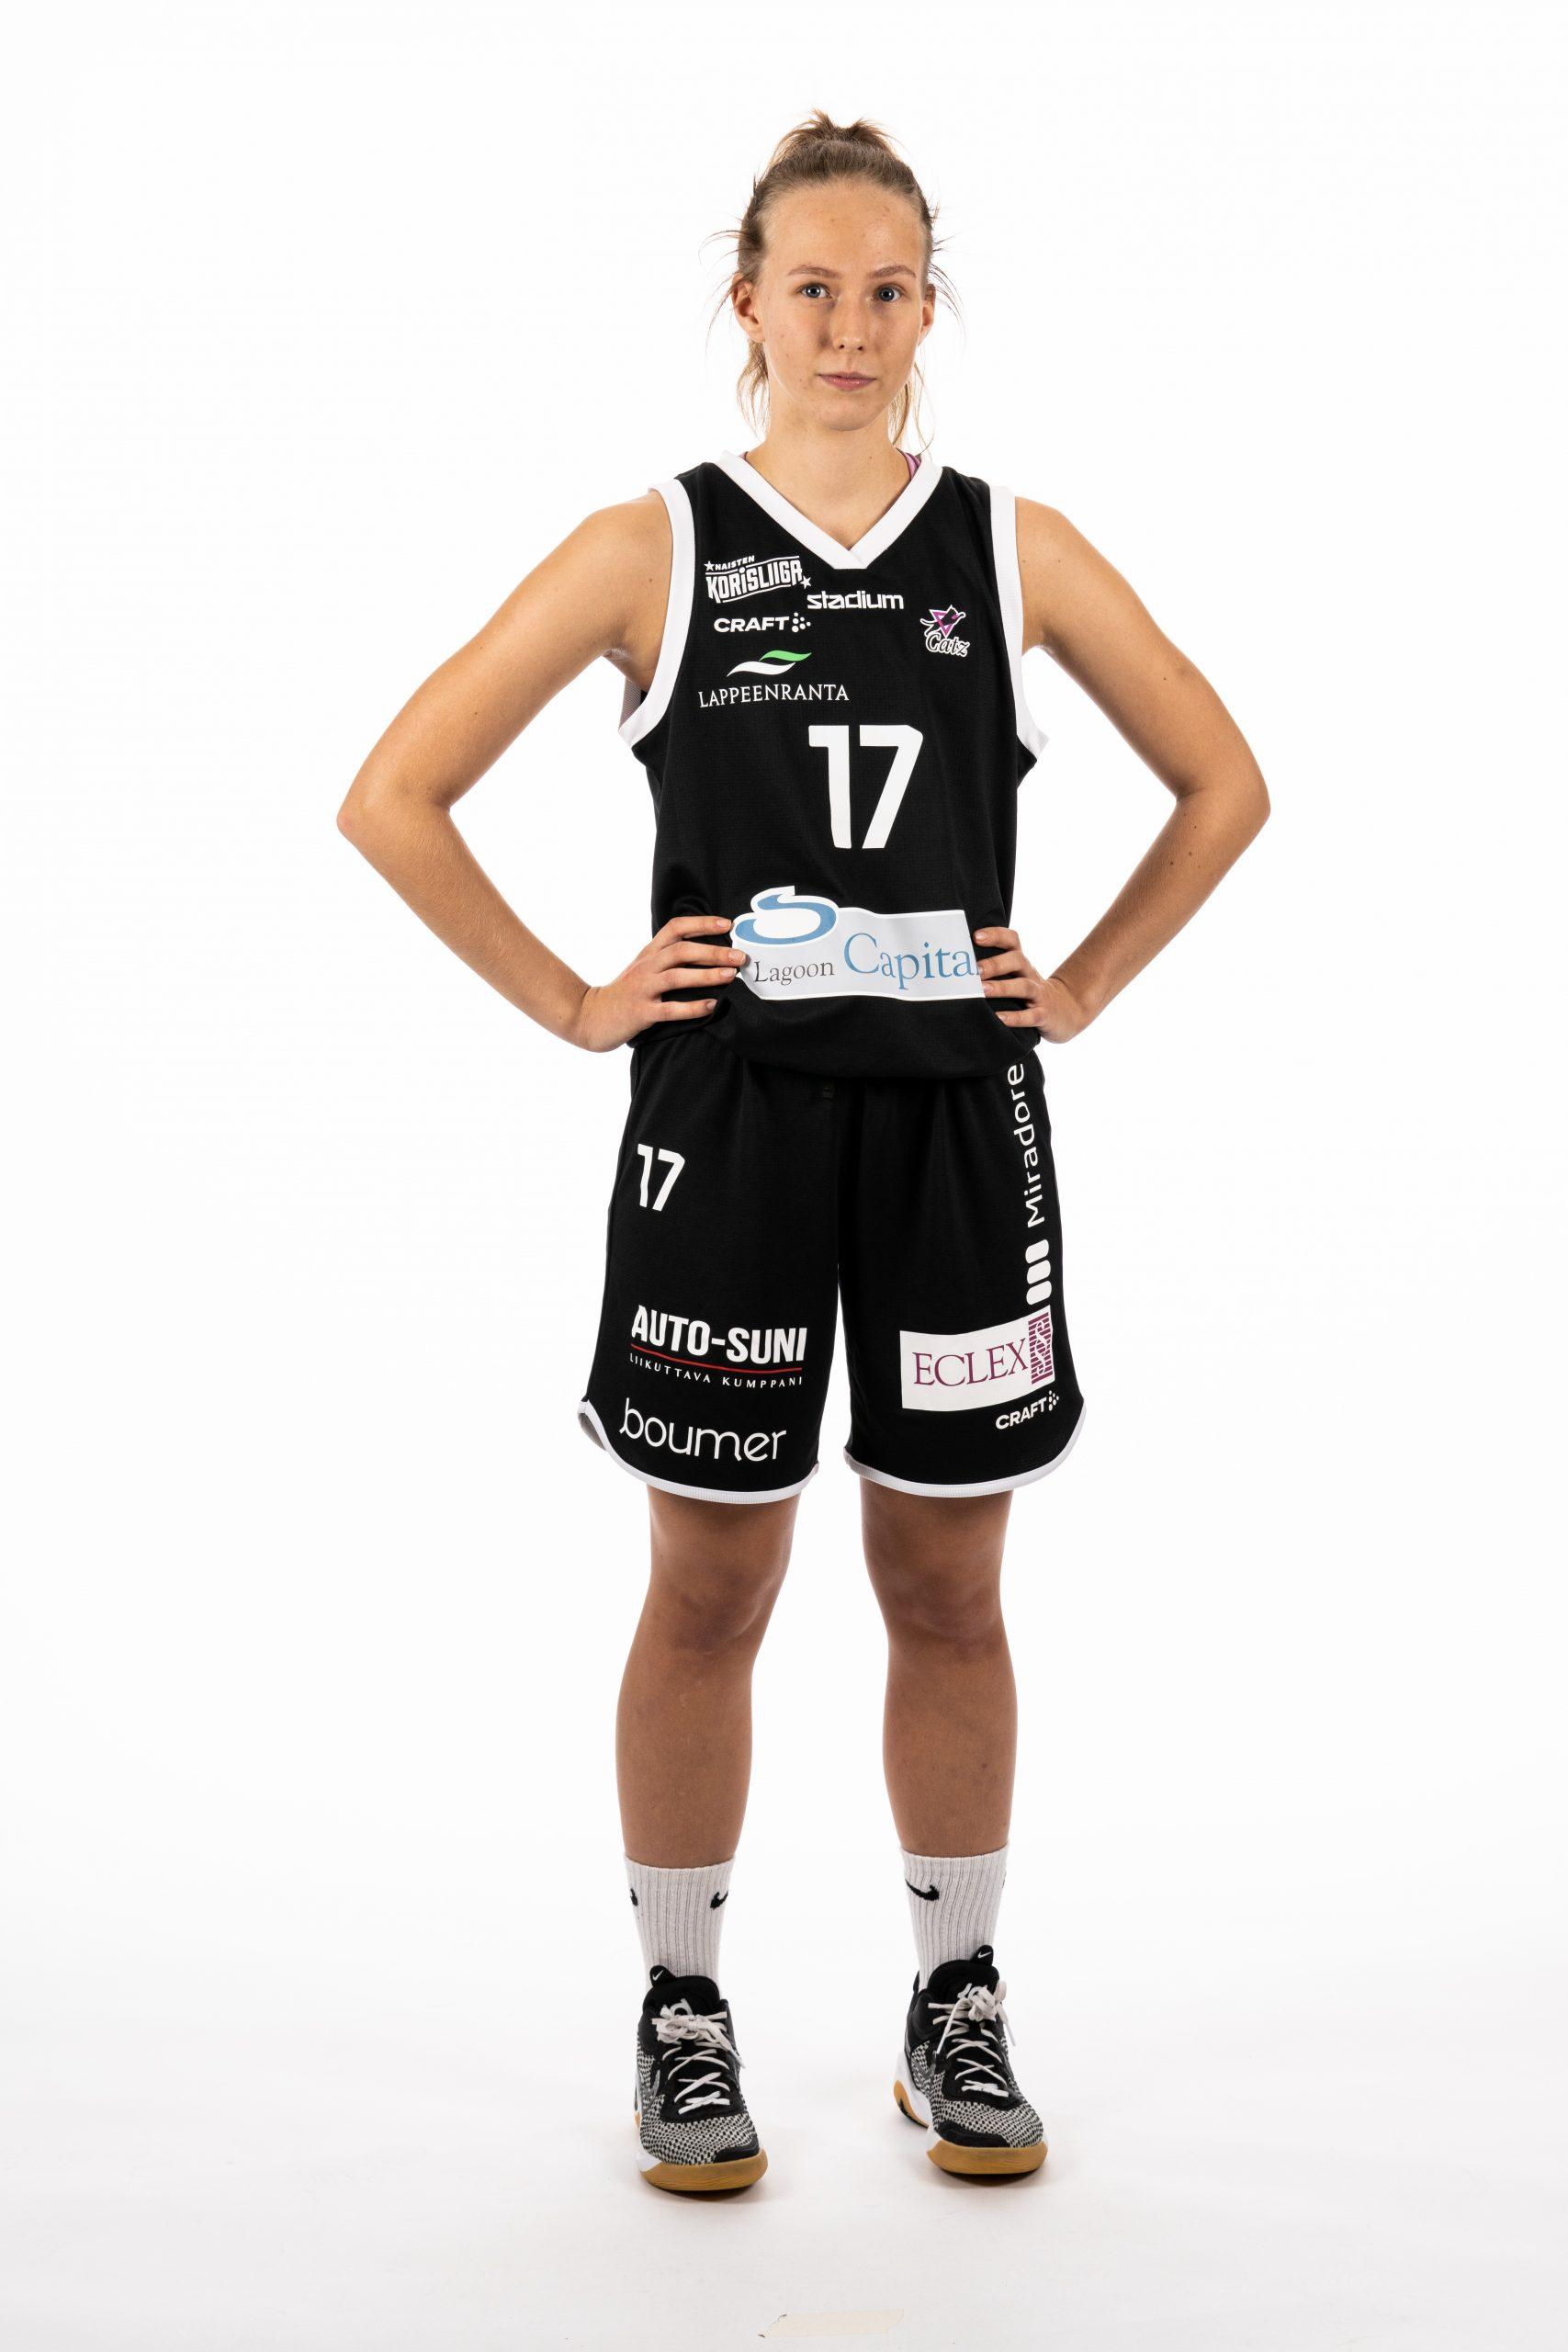 #17 Lotta Laaksonen